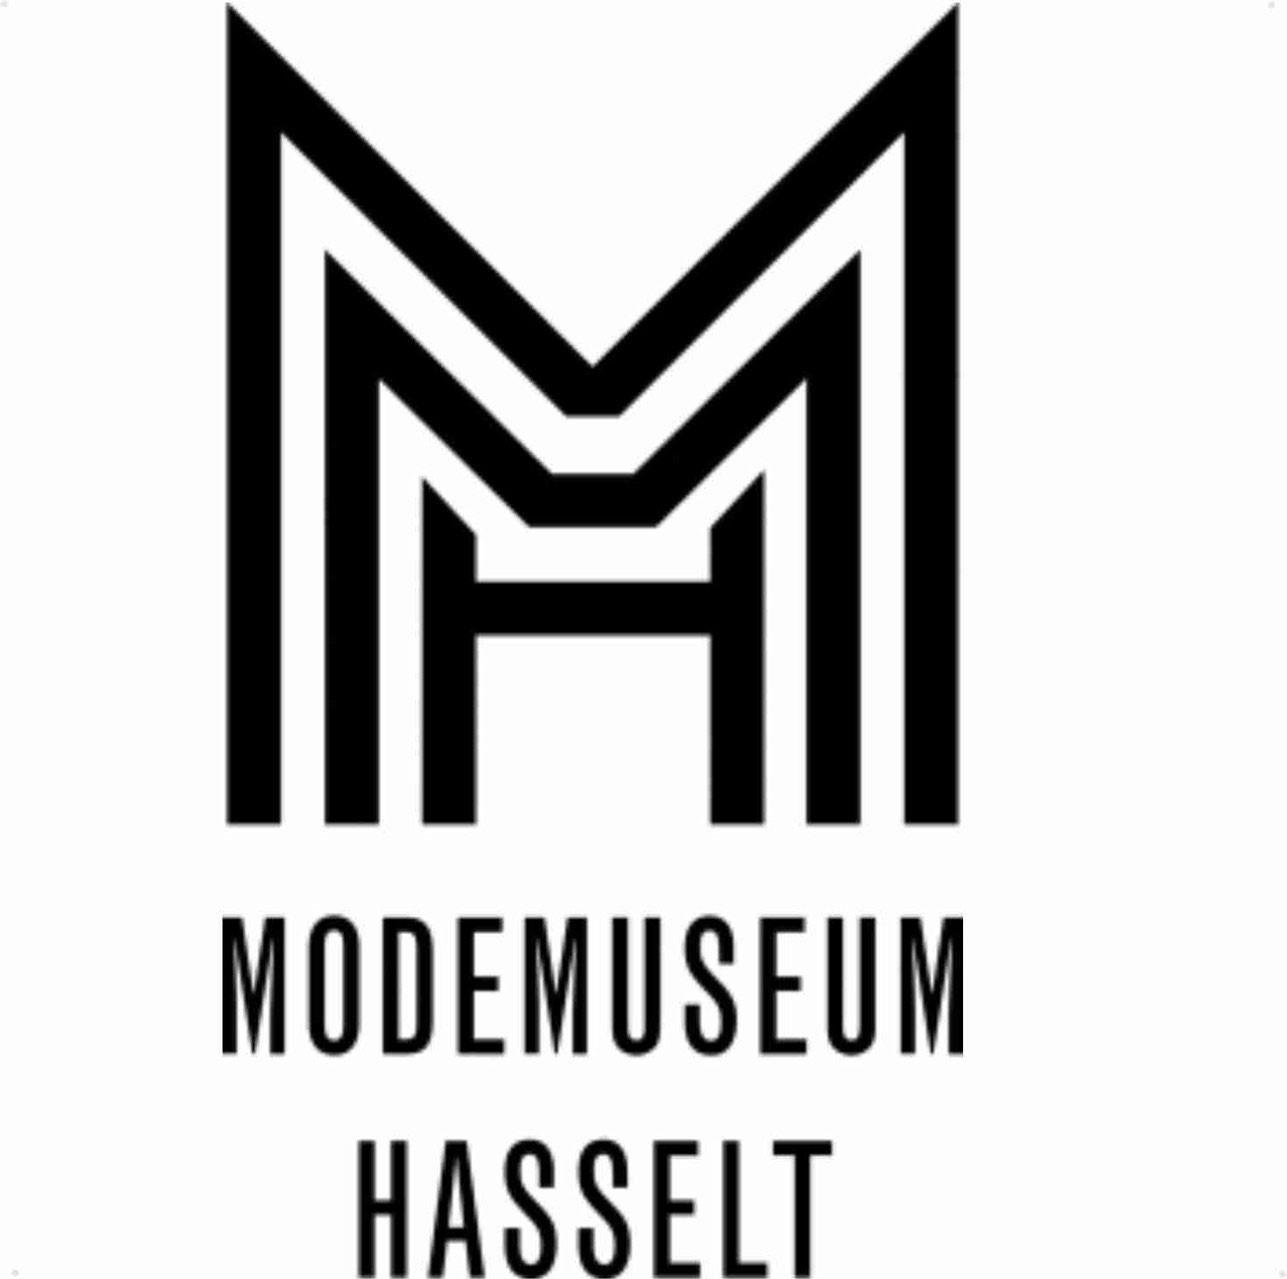 modemuseum-hasselt.jpg